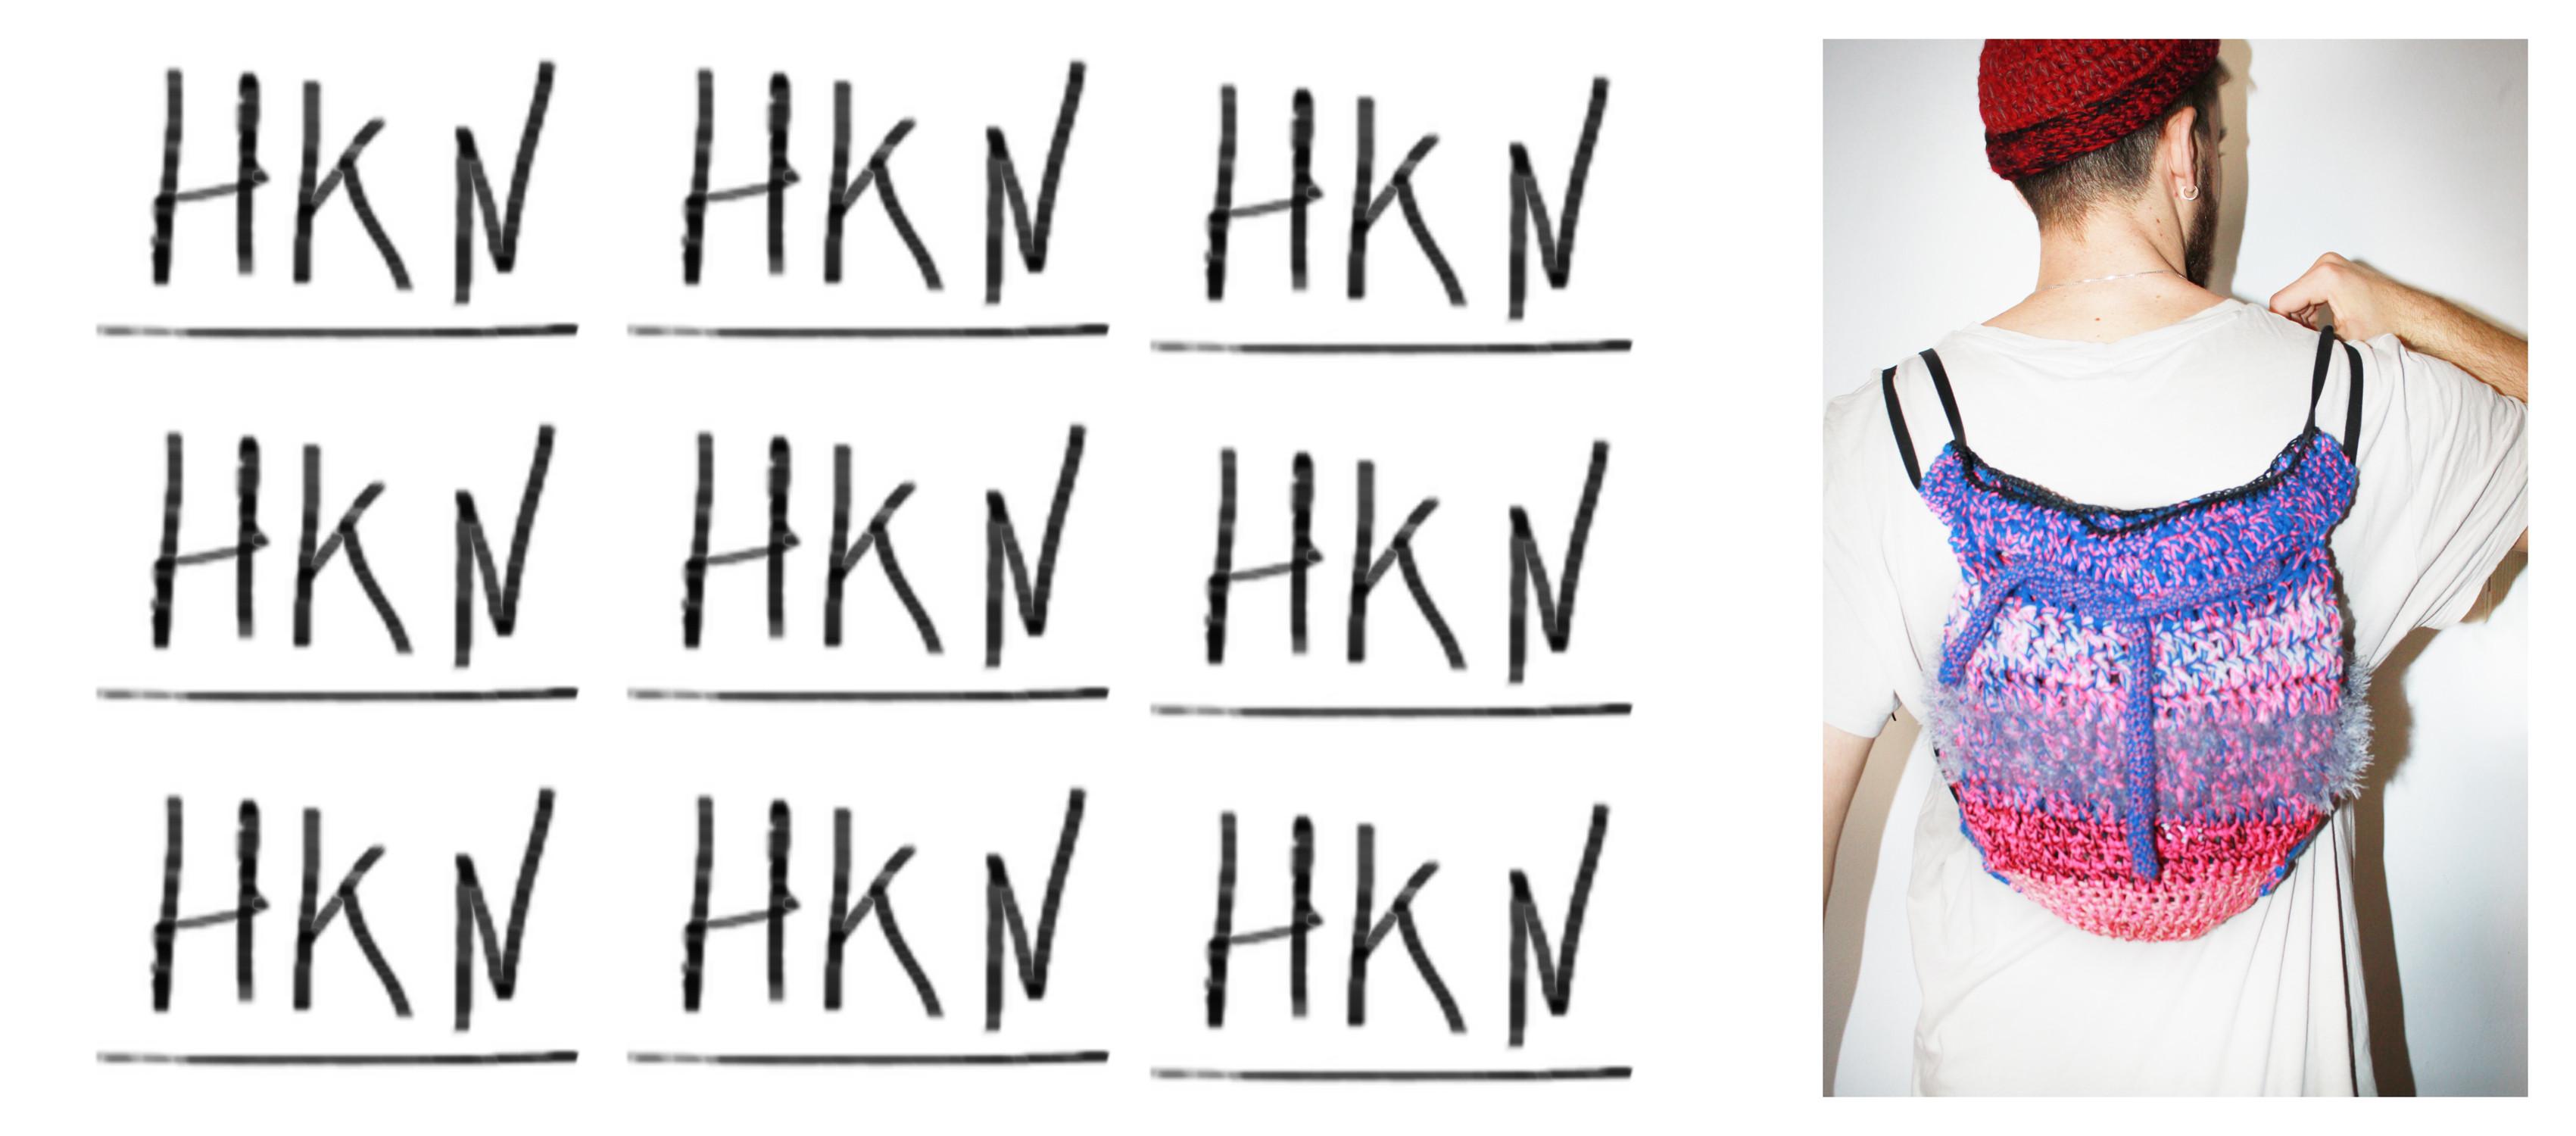 h k n